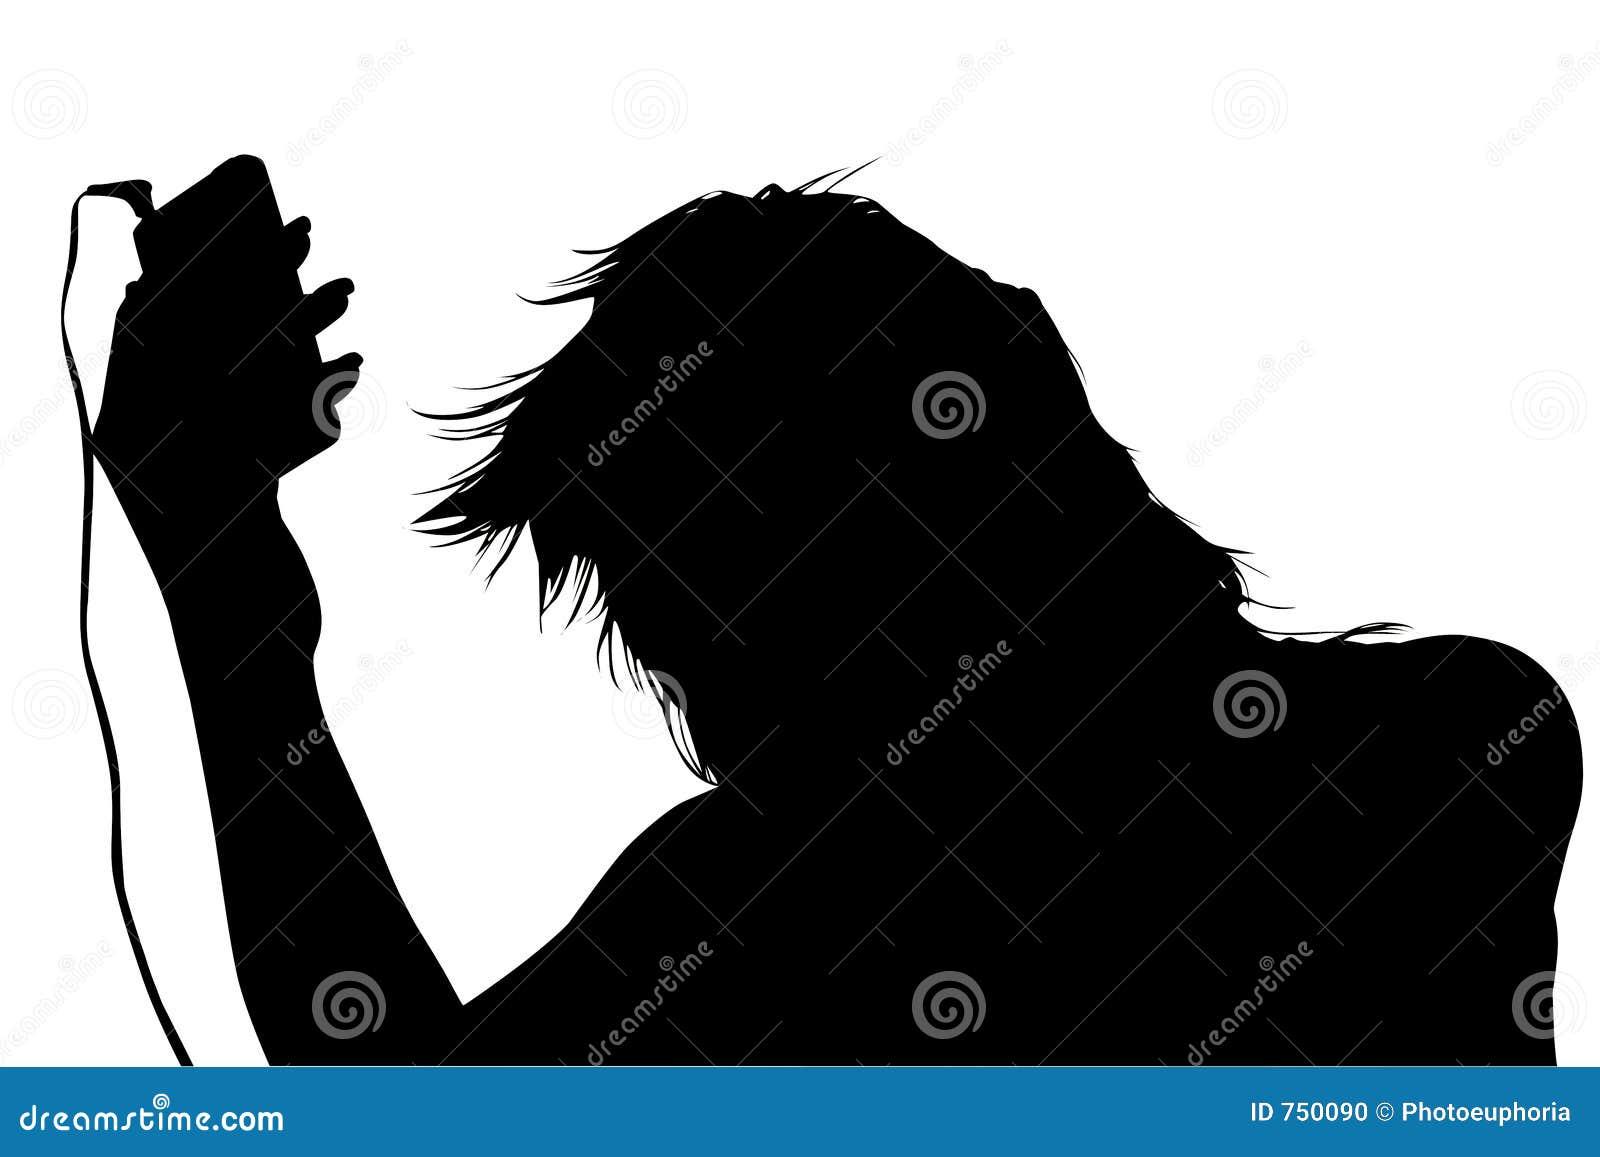 Schattenbild mit Ausschnitts-Pfad des Mädchens mit Digital-Musik-Spieler